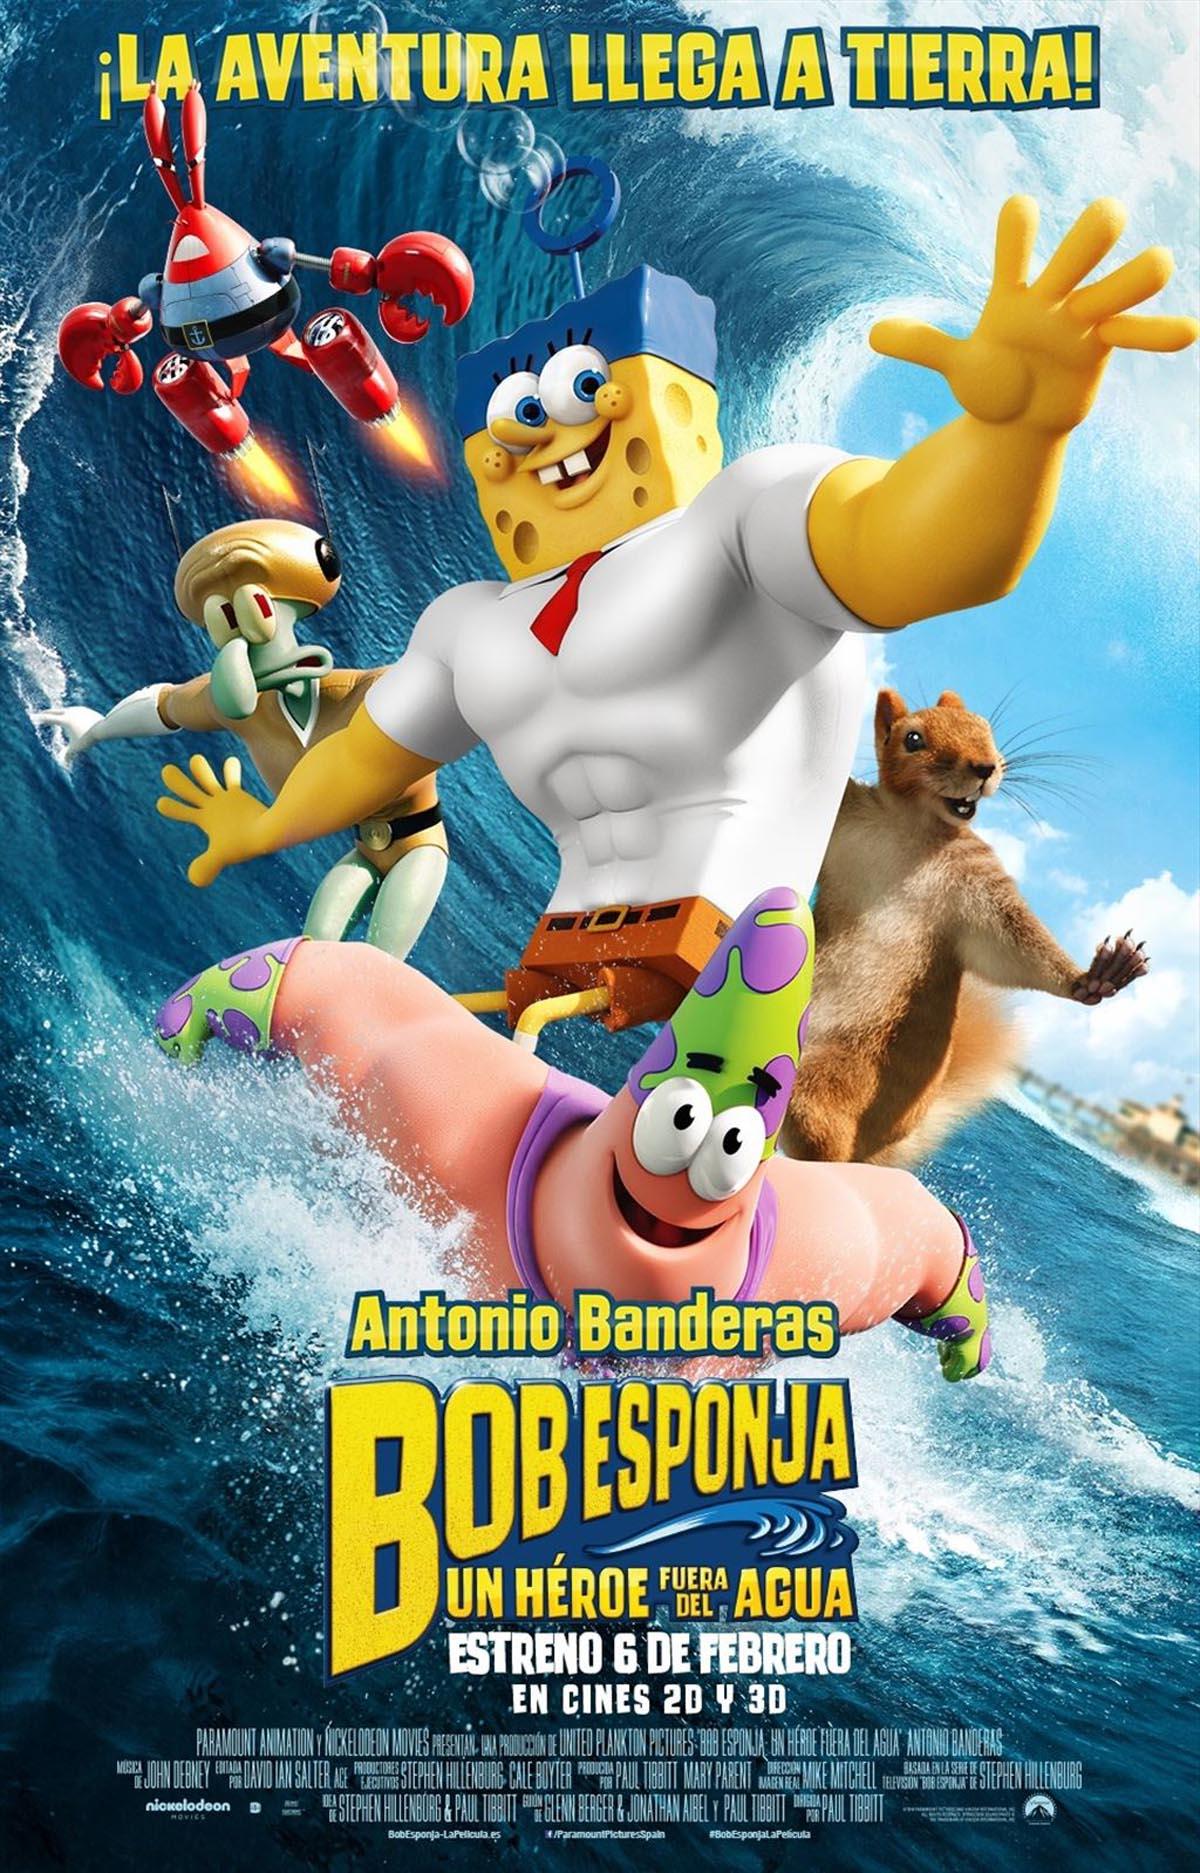 Película: Bob Esponja - Un héroe fuera del agua